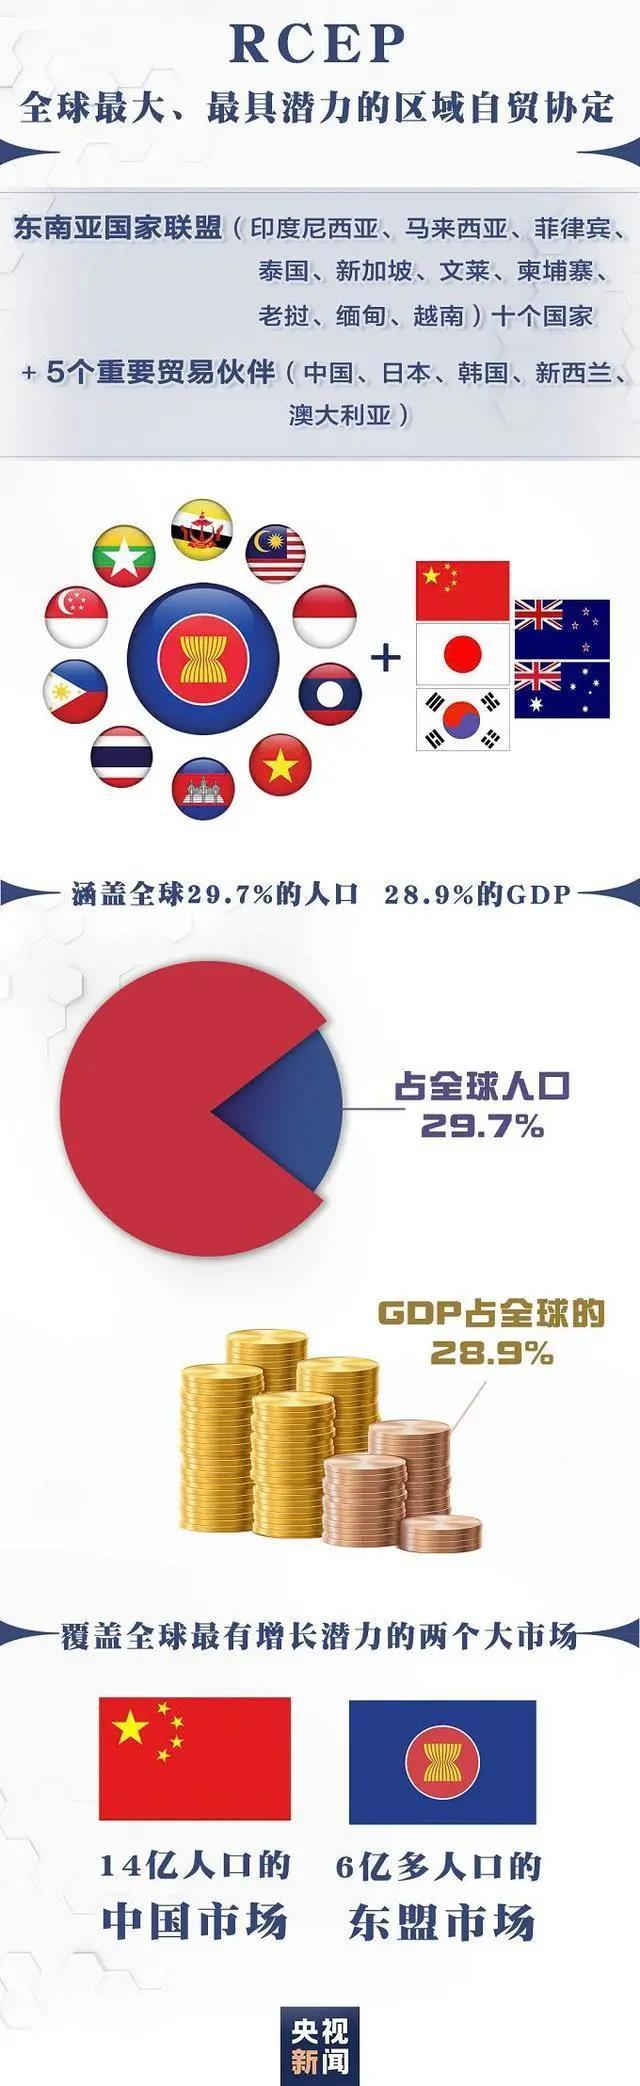 全球体量最大自贸区RCEP启航!香港积极加入,未来可期!